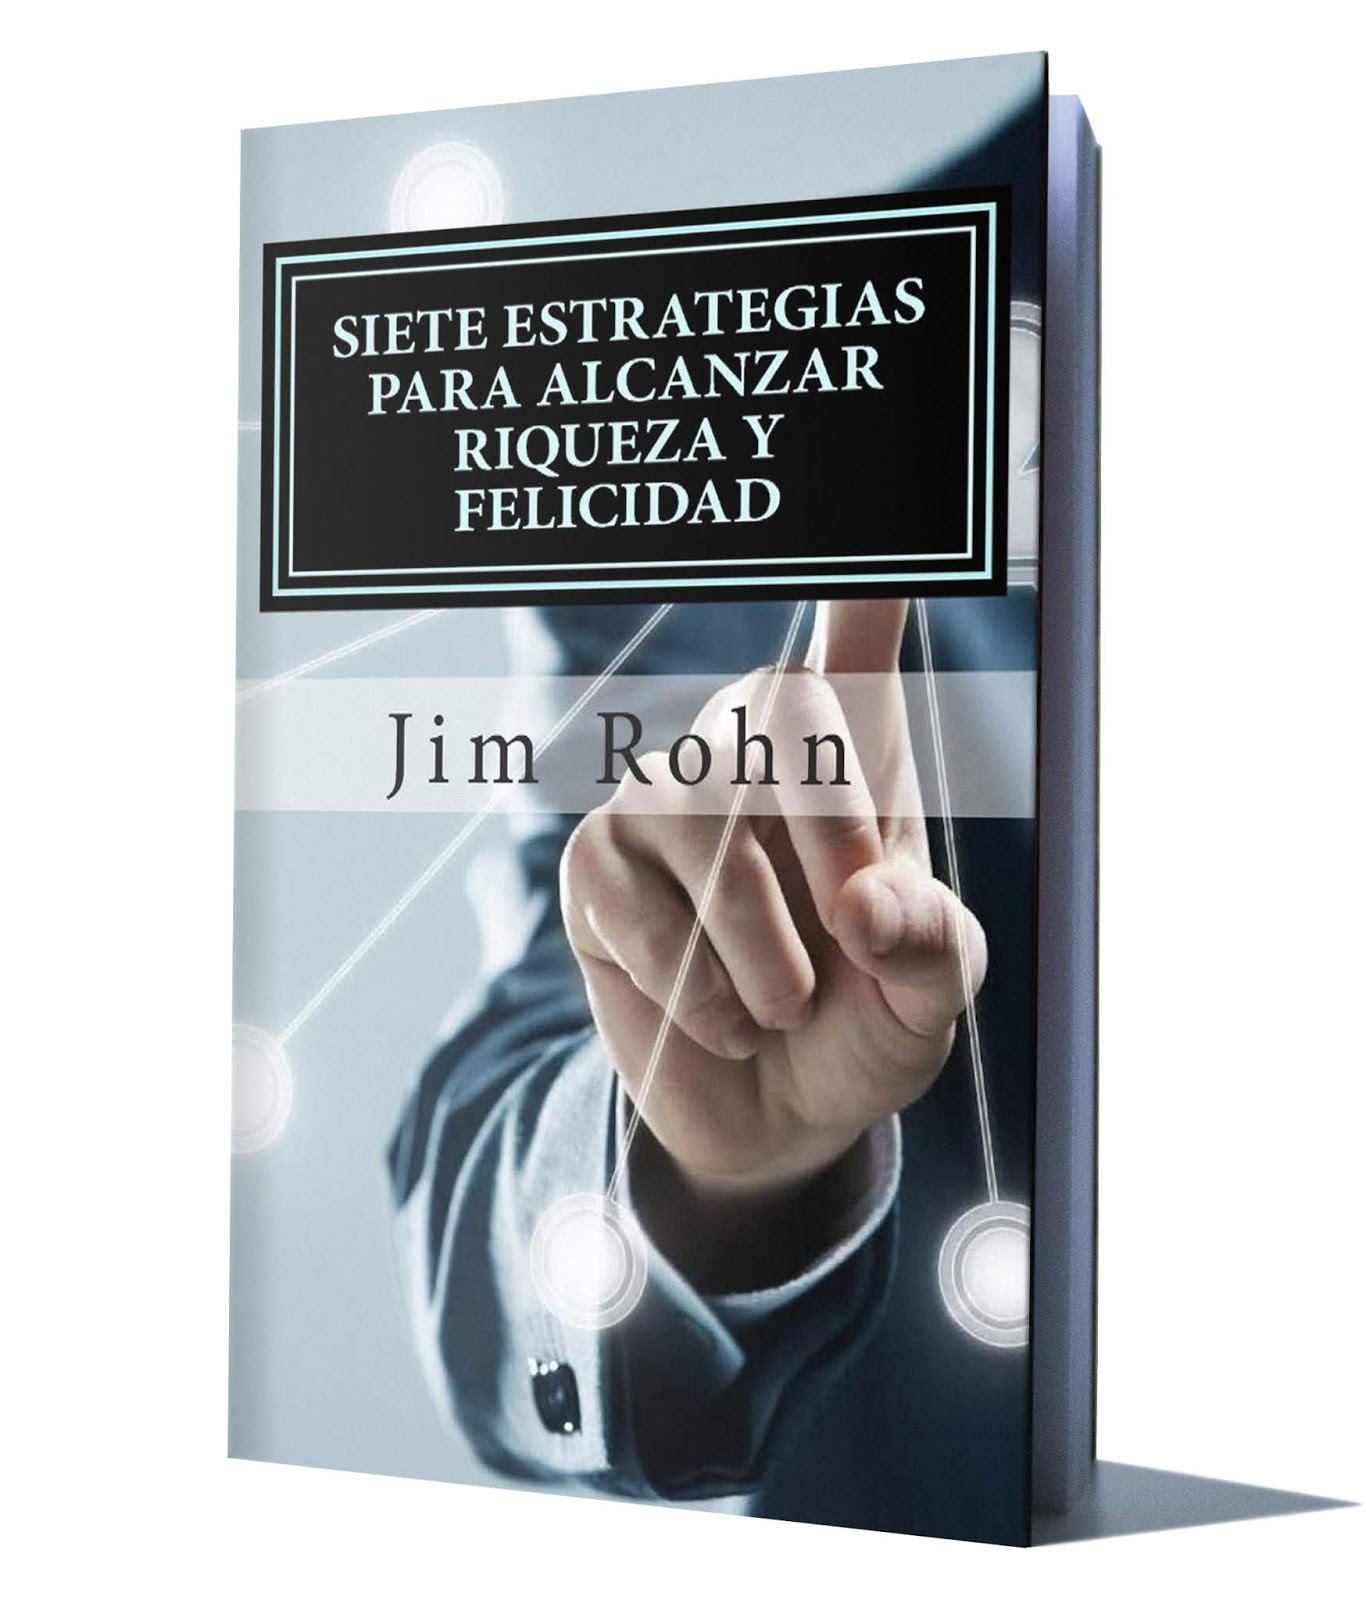 7 ESTRATEGIAS PARA ALCANZAR RIQUEZA Y FELICIDAD – JIM ROHN